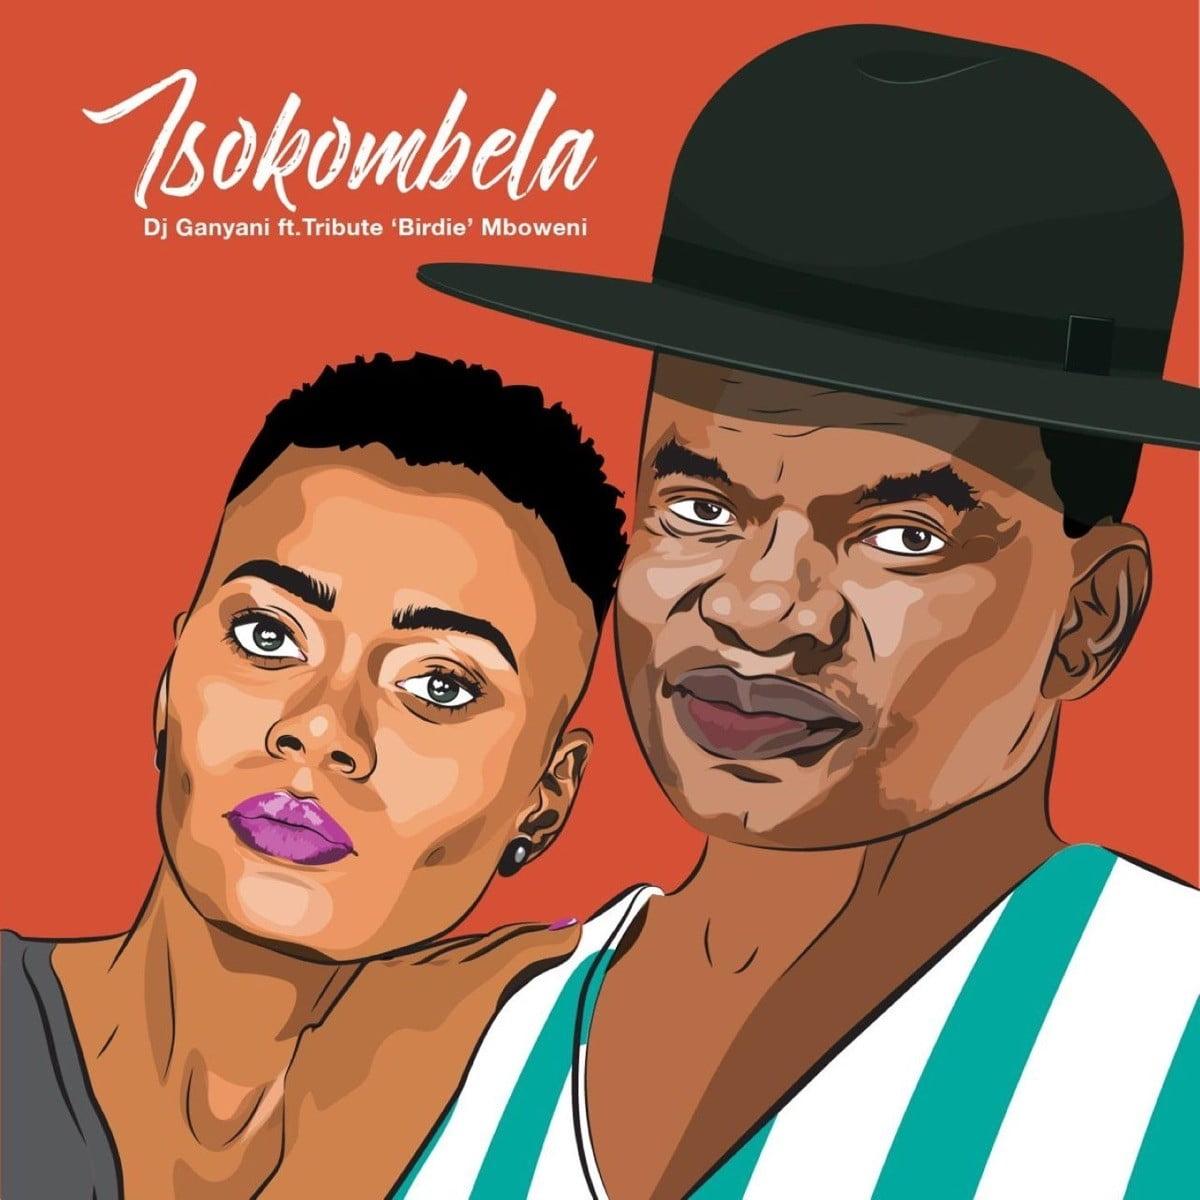 """DJ Ganyani – Tsokombela (feat. Tribute """"Birdie"""" Mboweni)"""